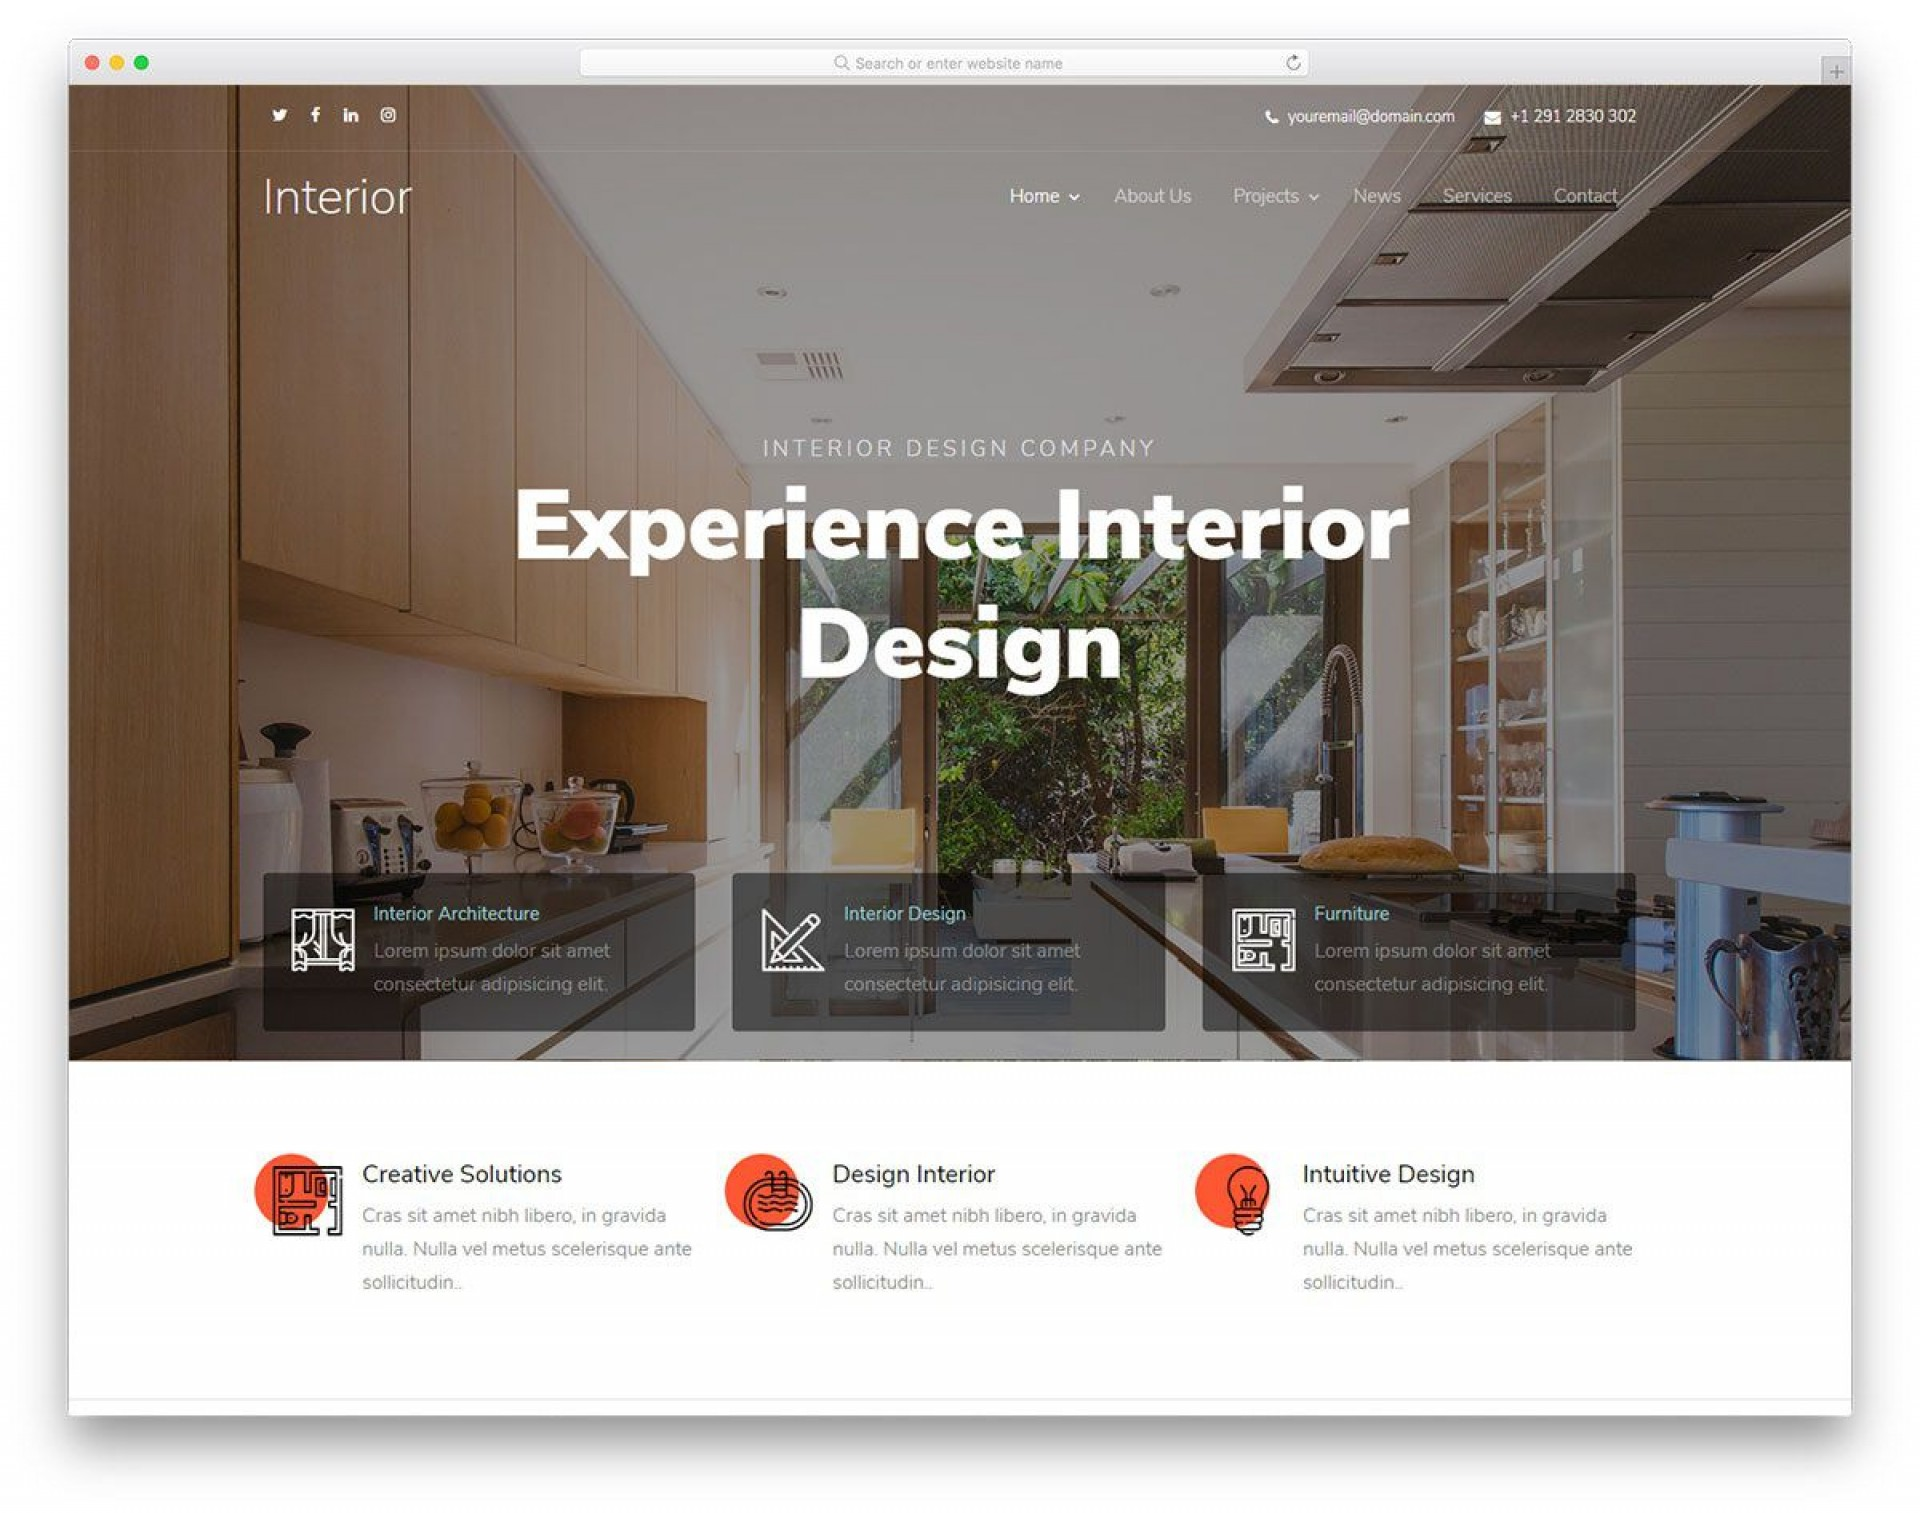 003 Phenomenal Interior Design Html Template Free Idea  Download1920